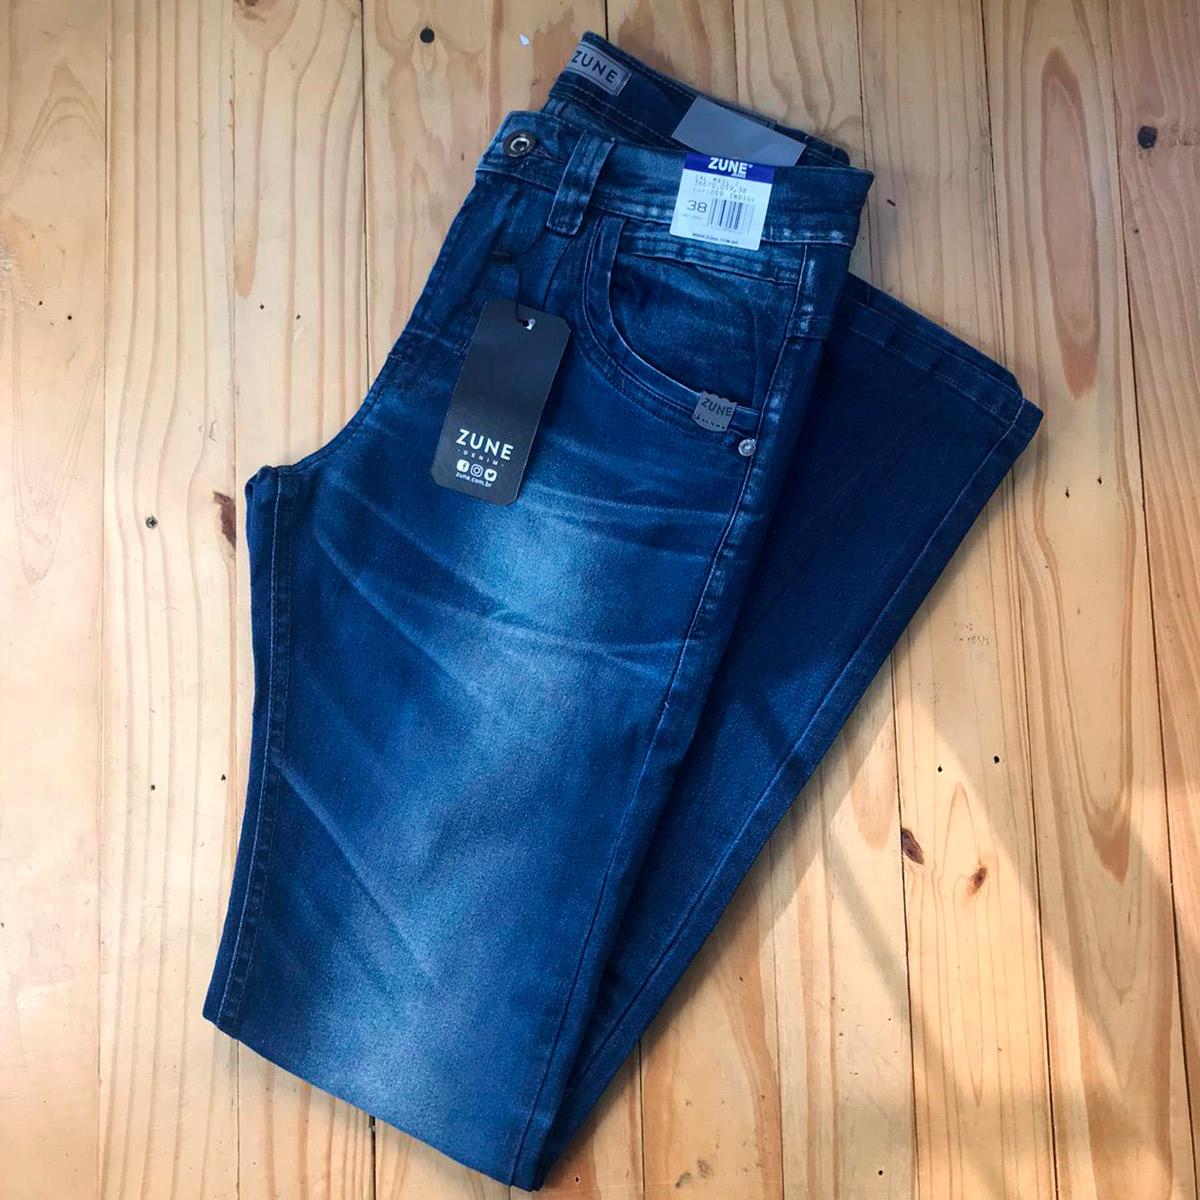 Calça Jeans Masculina Zune 36670